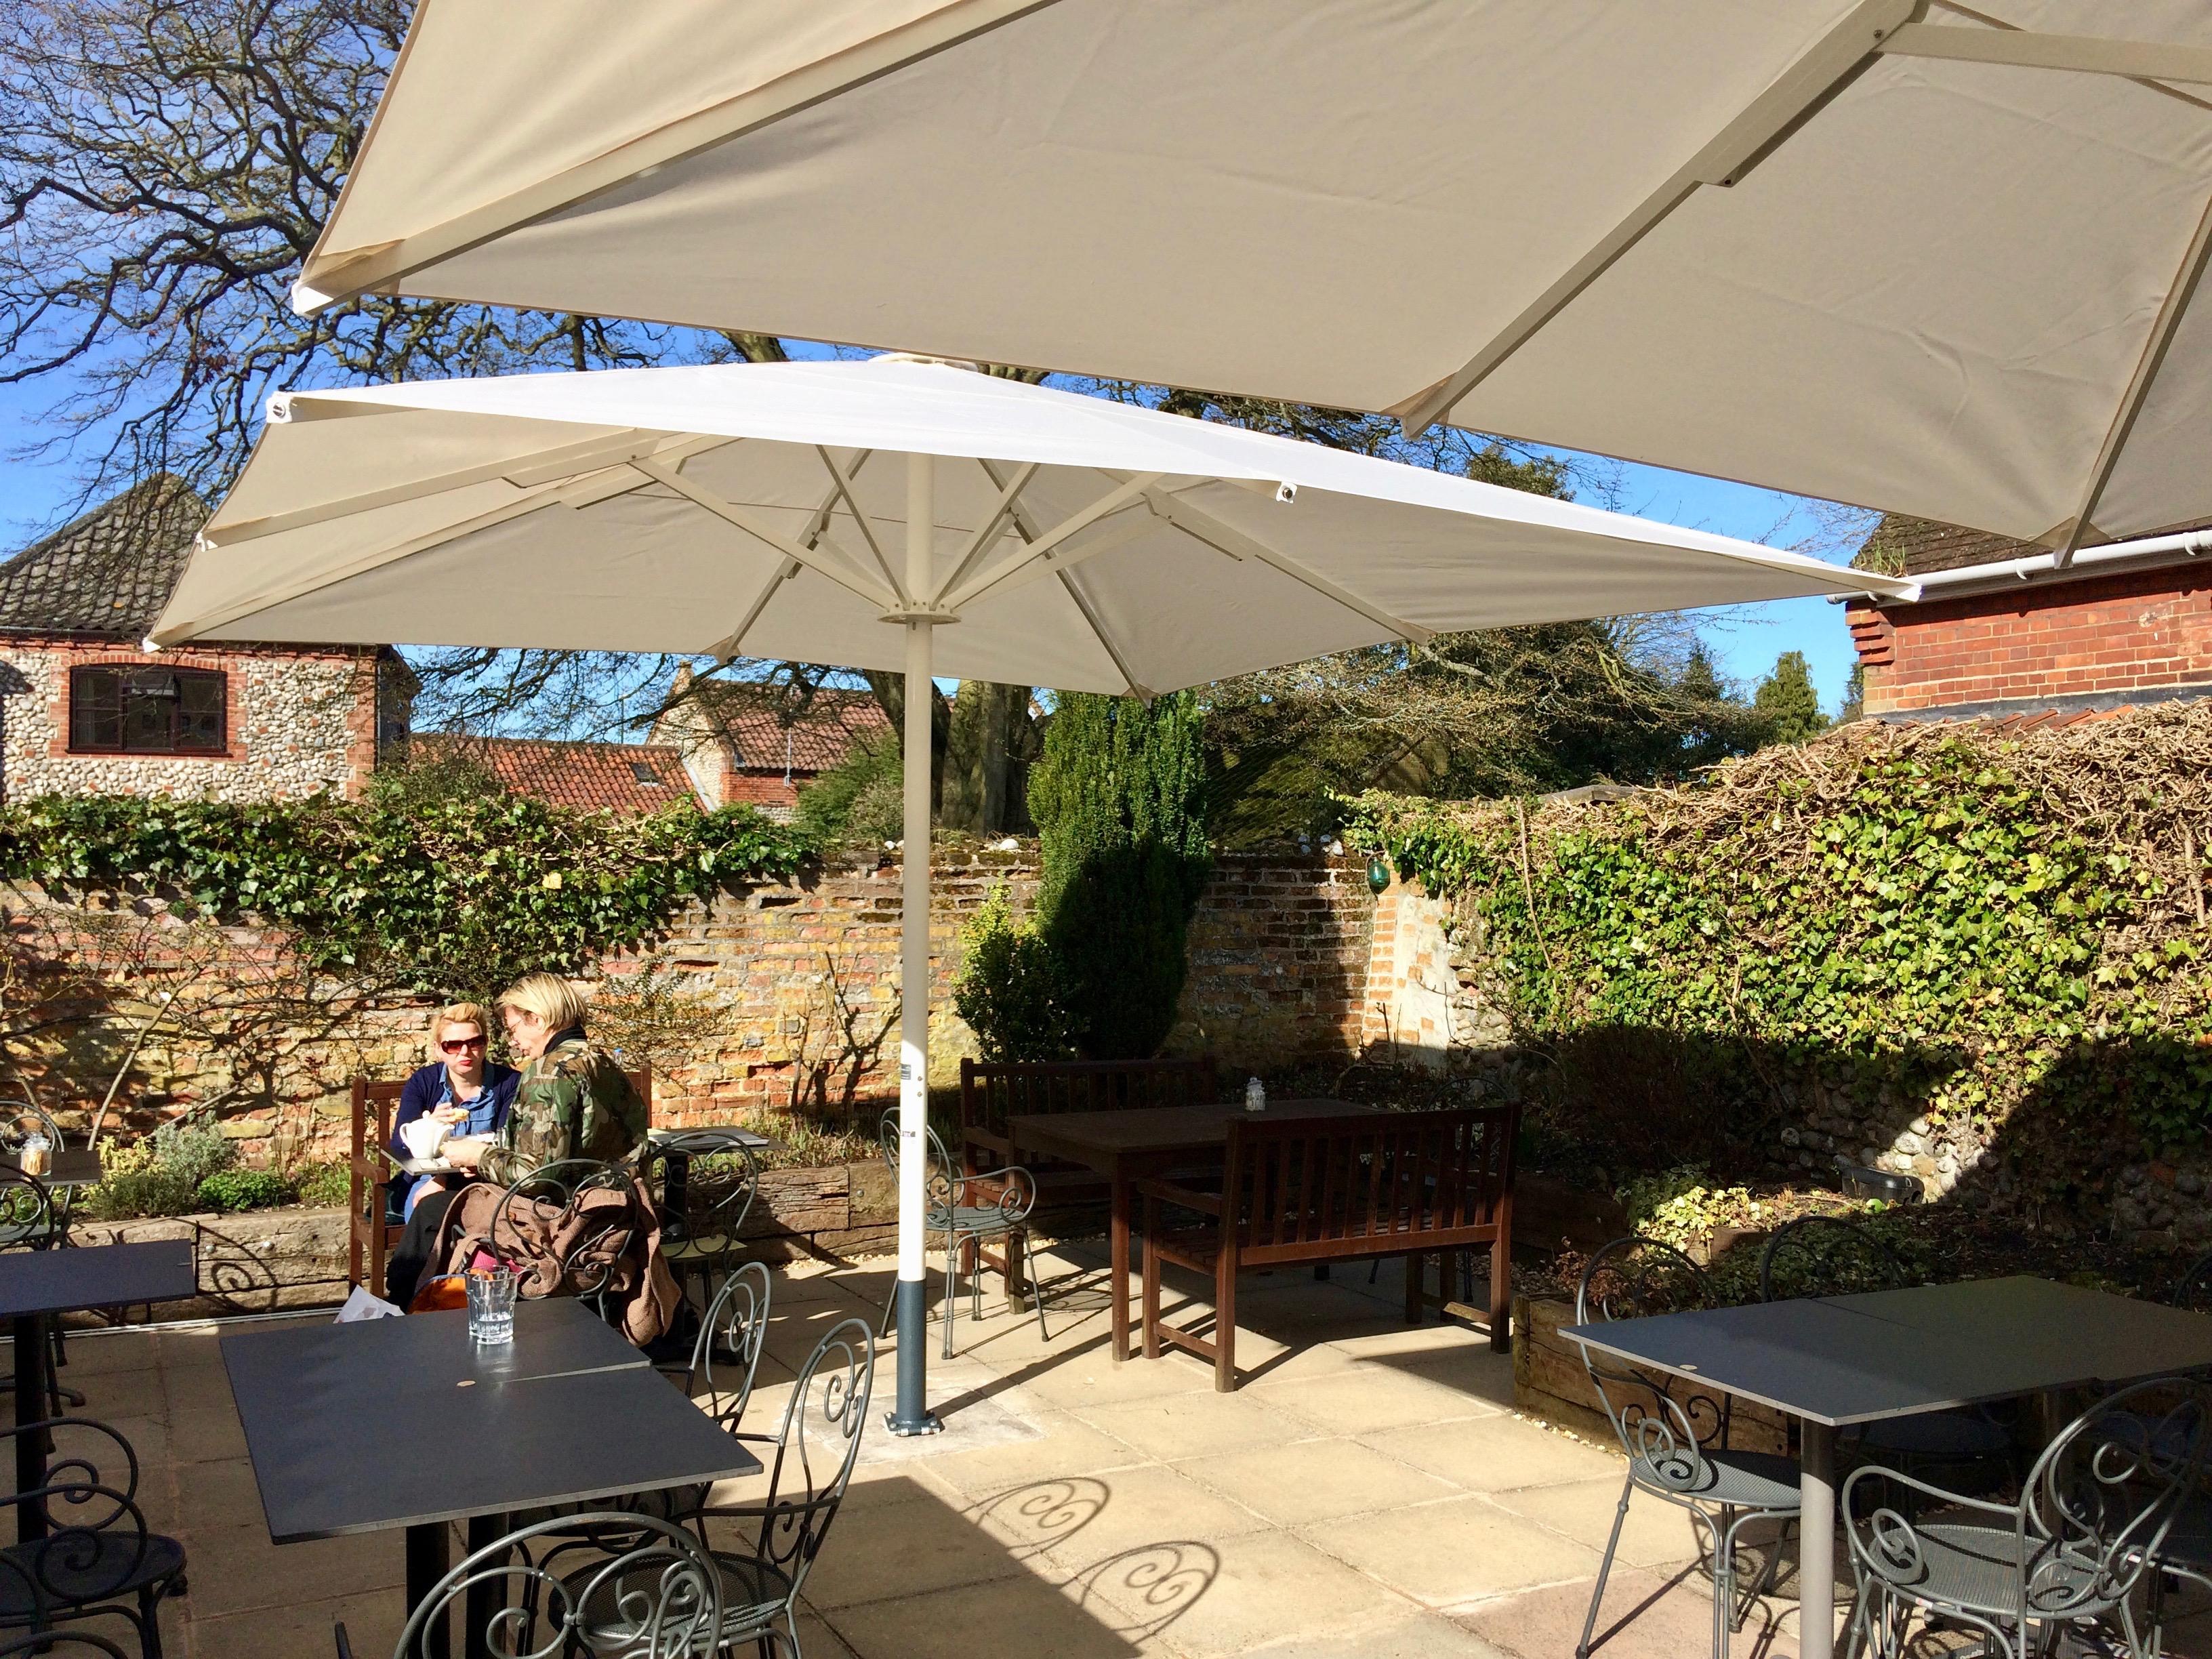 Umbrellas For Cafe Courtyard